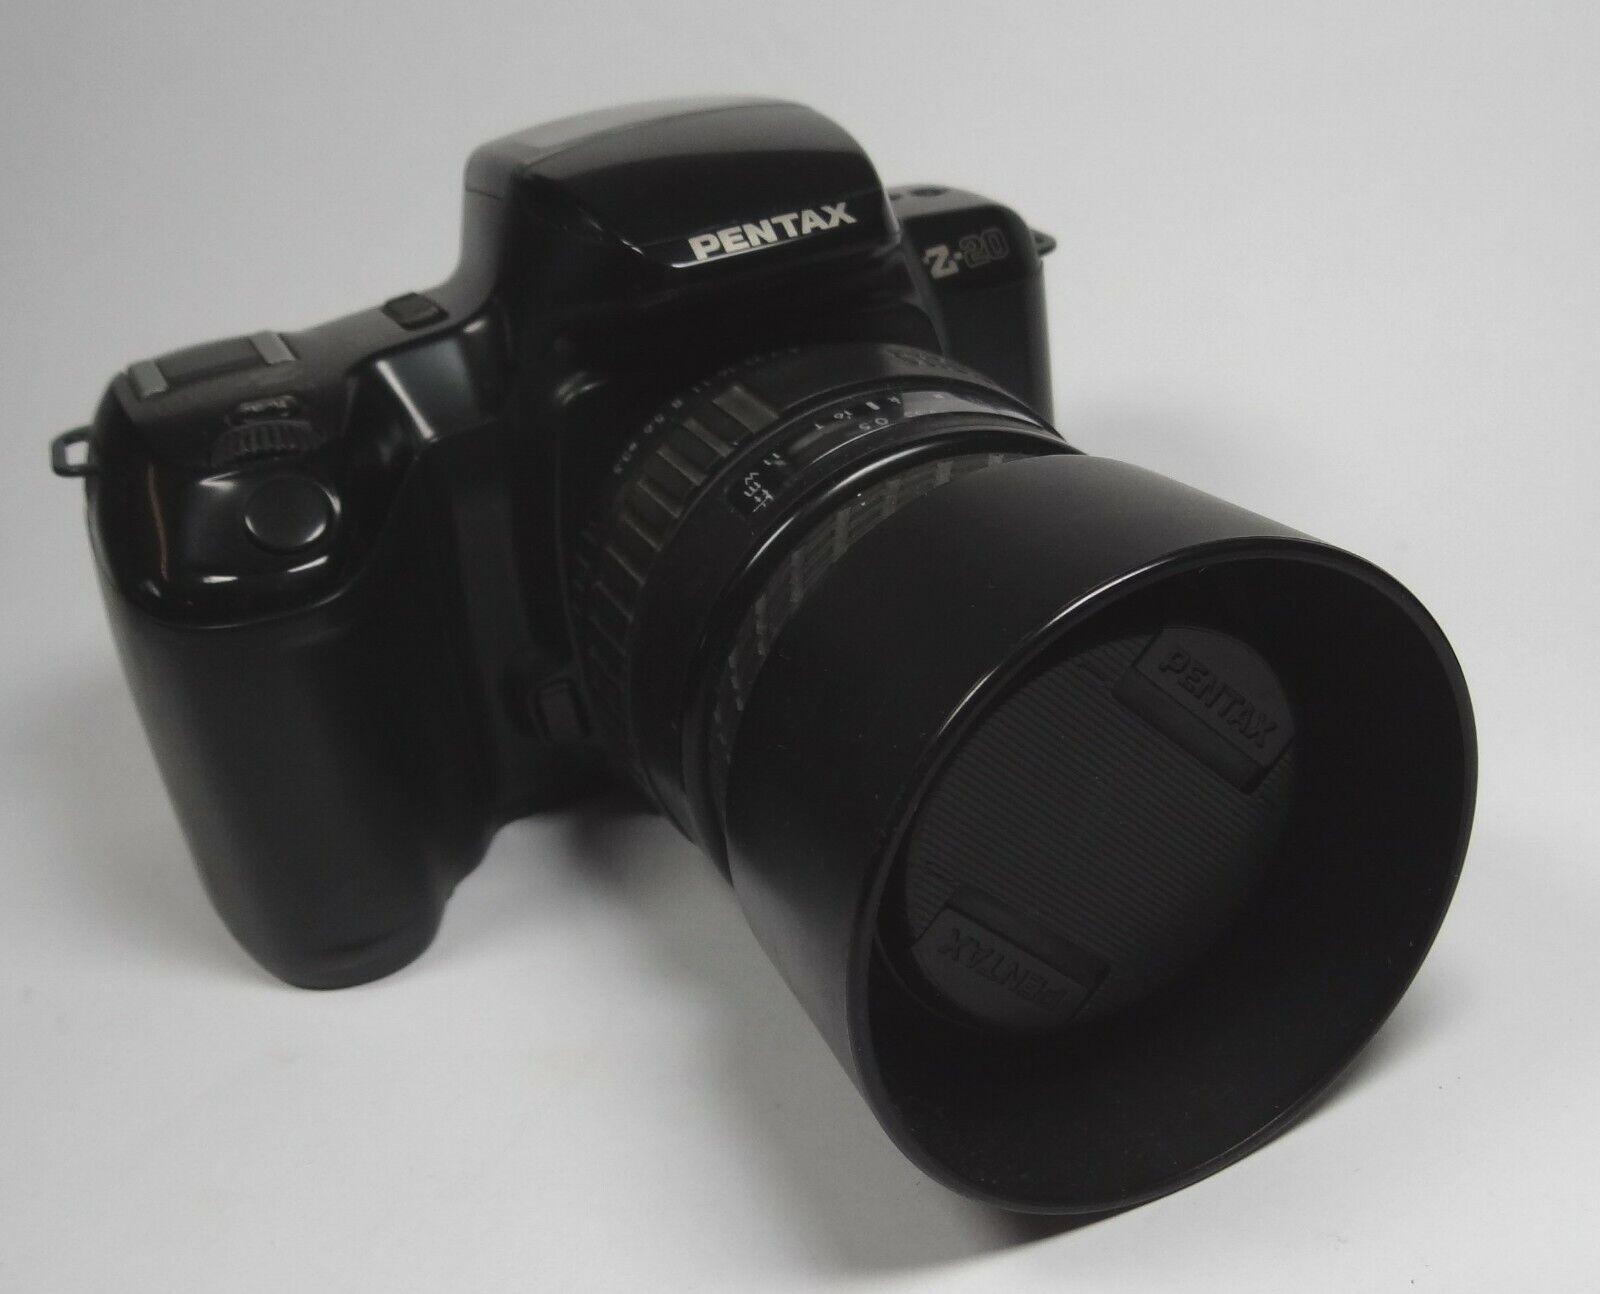 Pentax Z-20 Spiegelreflexkamera mit Sigma-UC Zoom 28-70mm,1-3,5-4.5  (CH54)